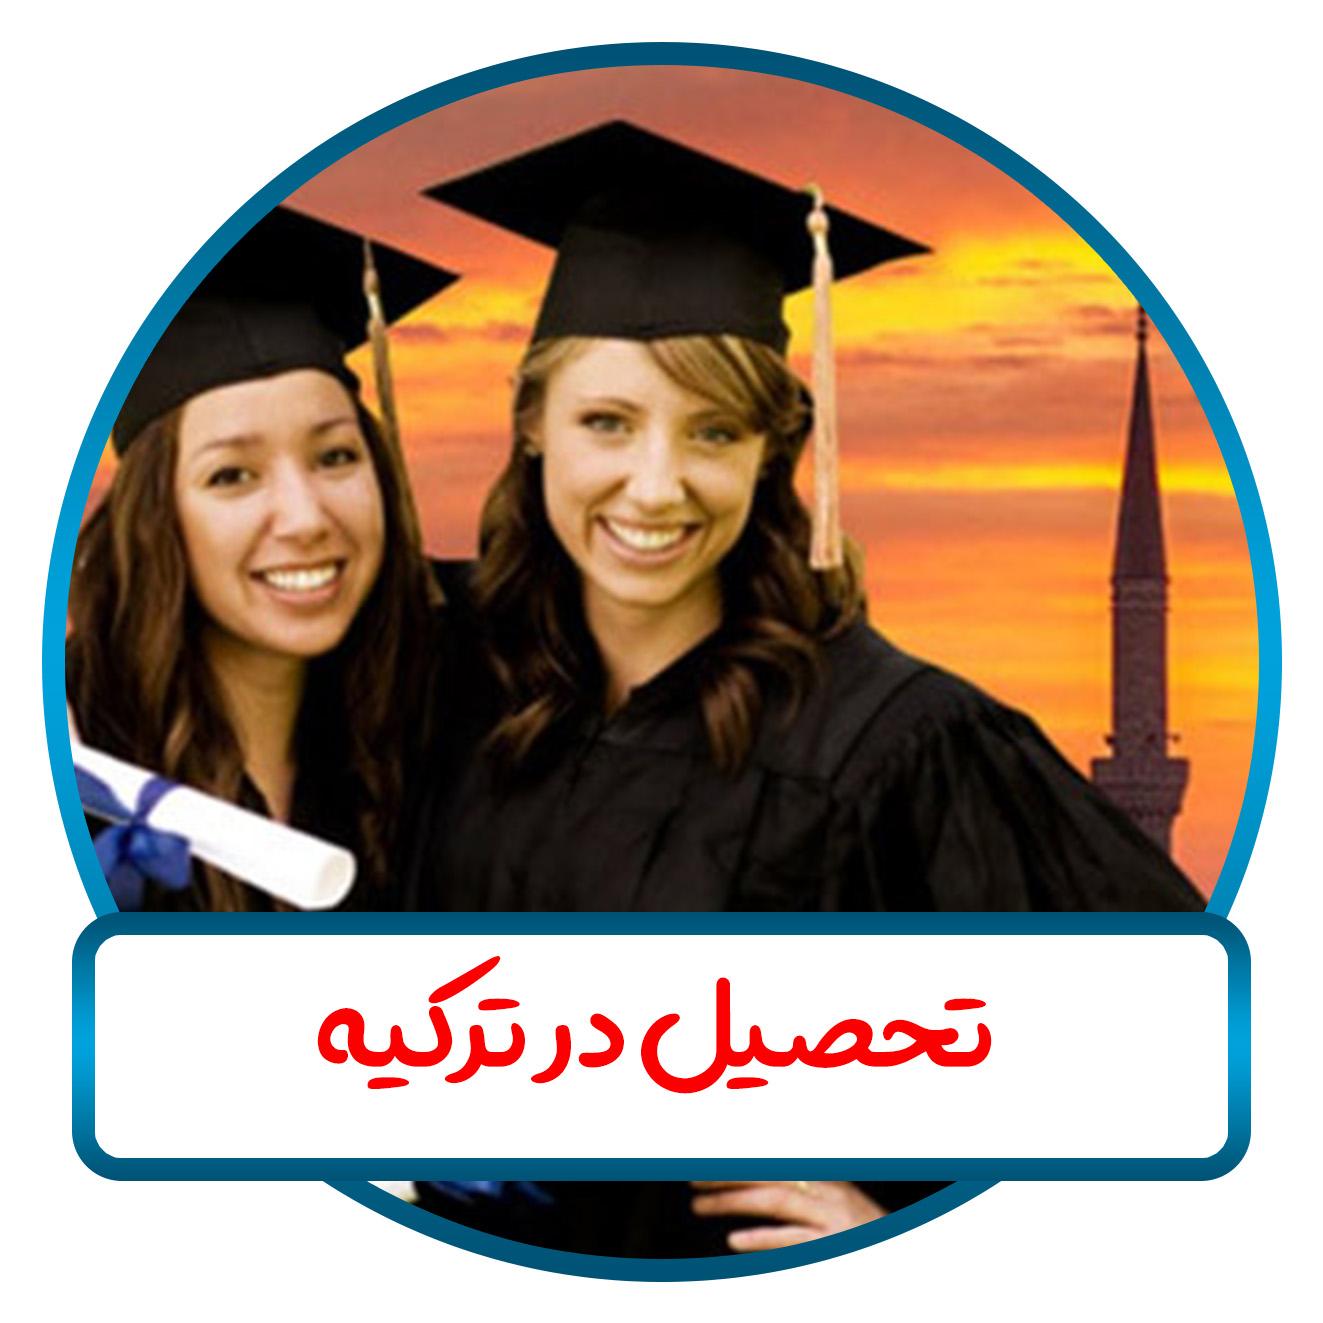 خدمات تحصیل ترکیه